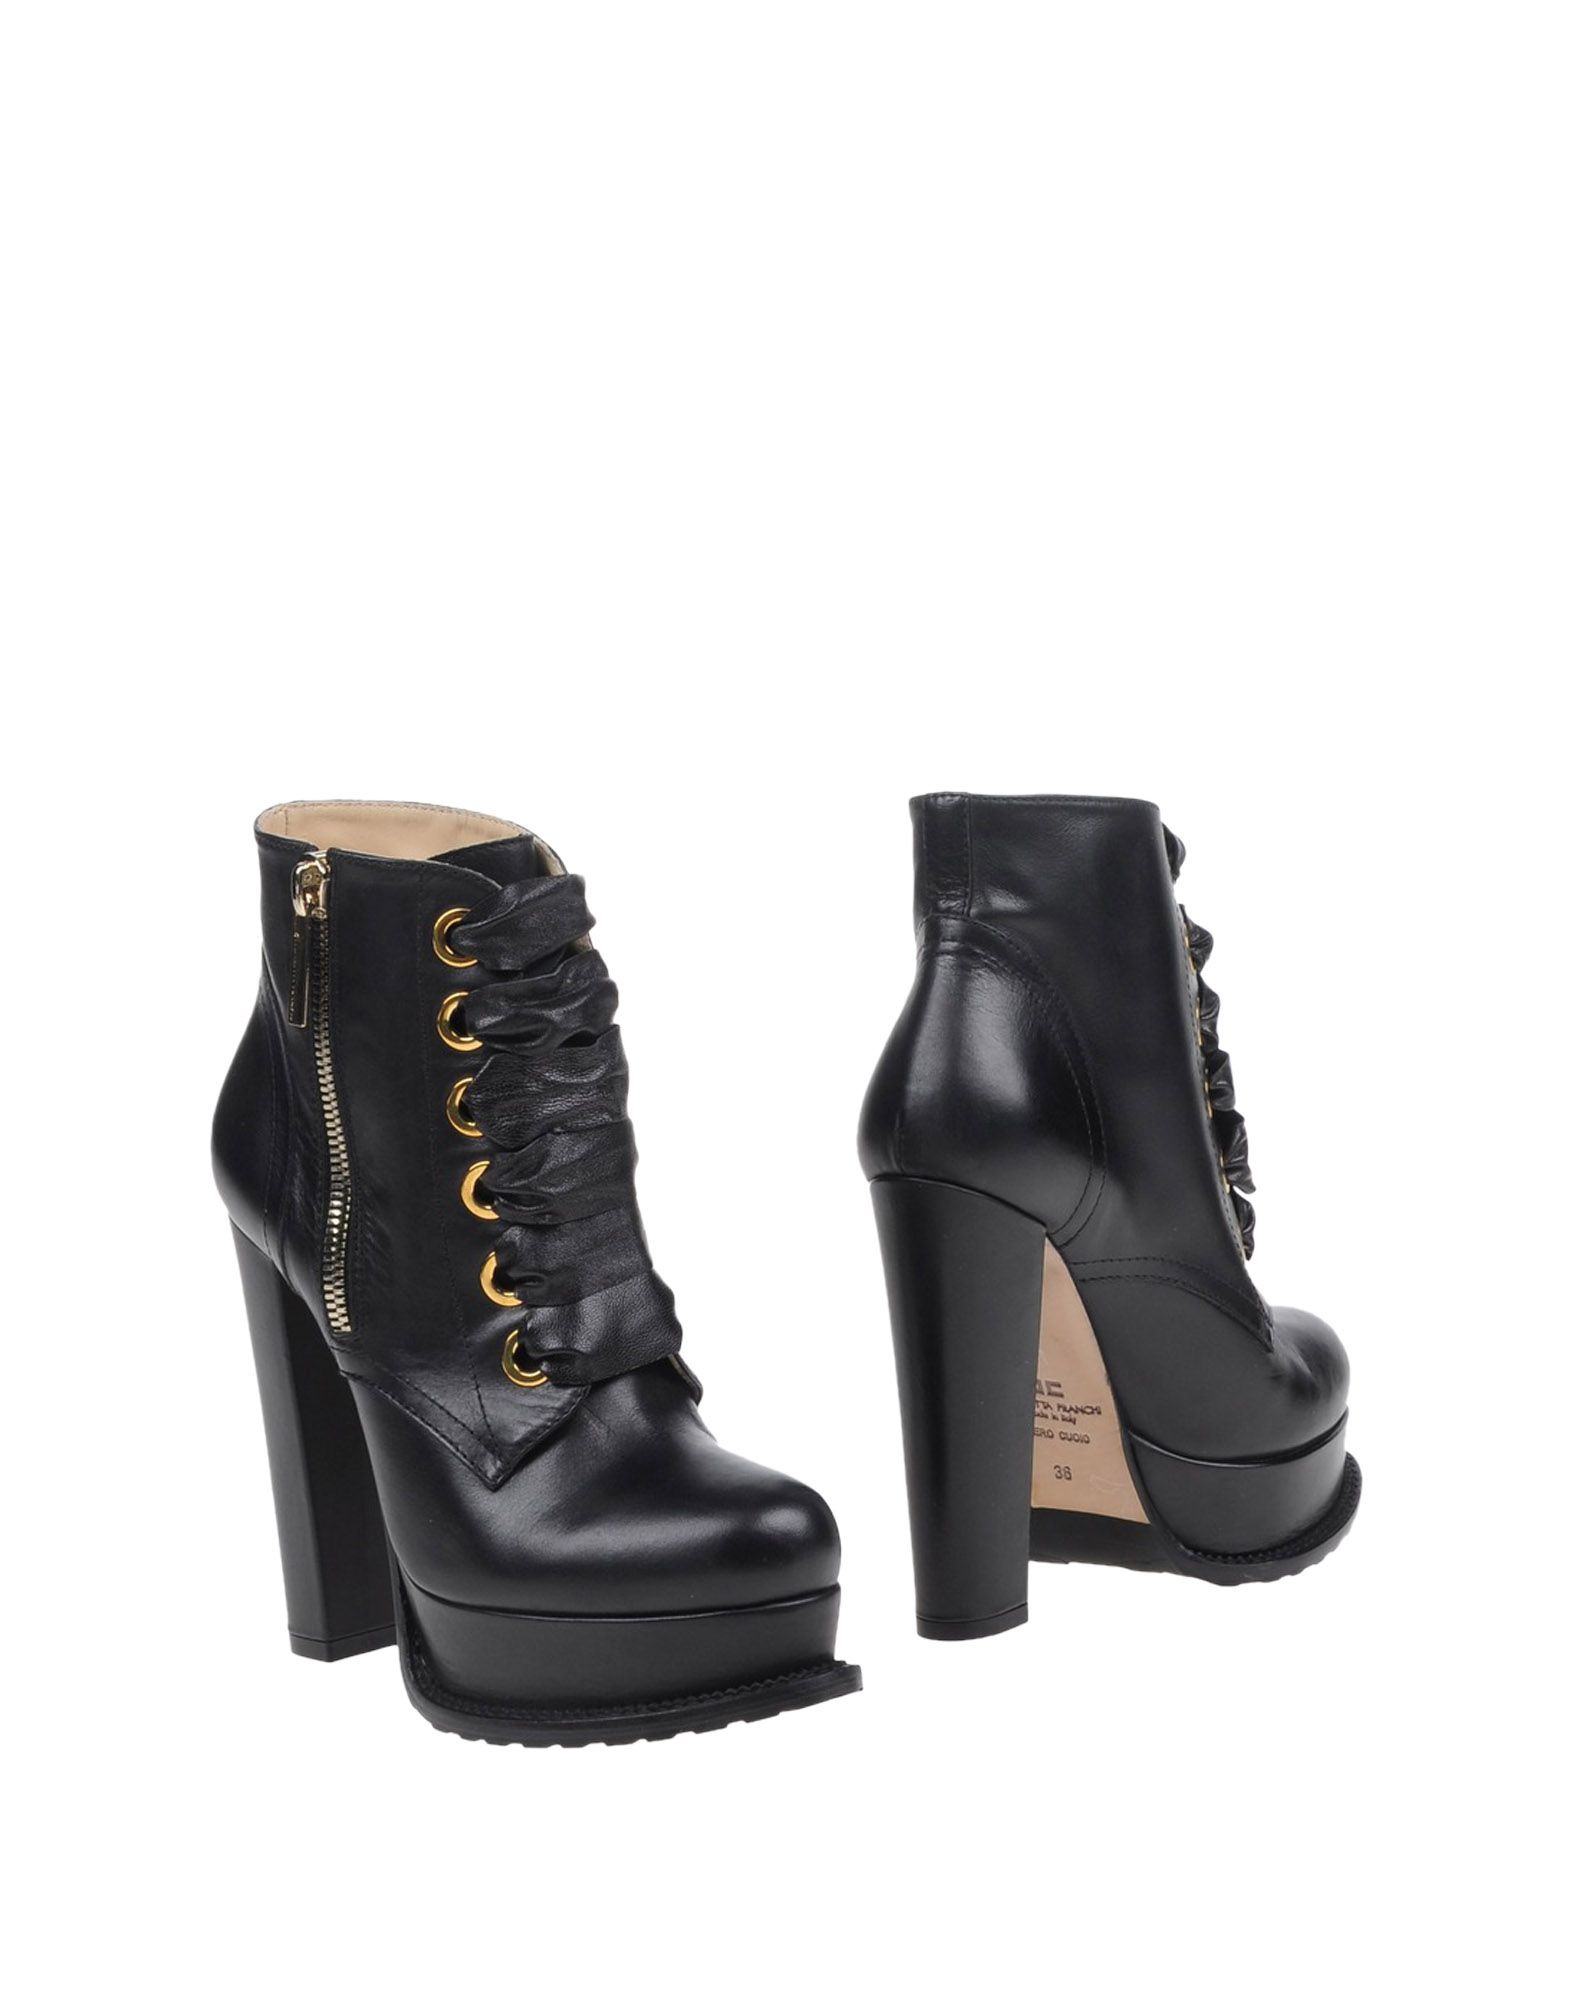 Rabatt Schuhe Elisabetta Franchi Stiefelette Stiefelette Stiefelette Damen  11008778KT f3a88a